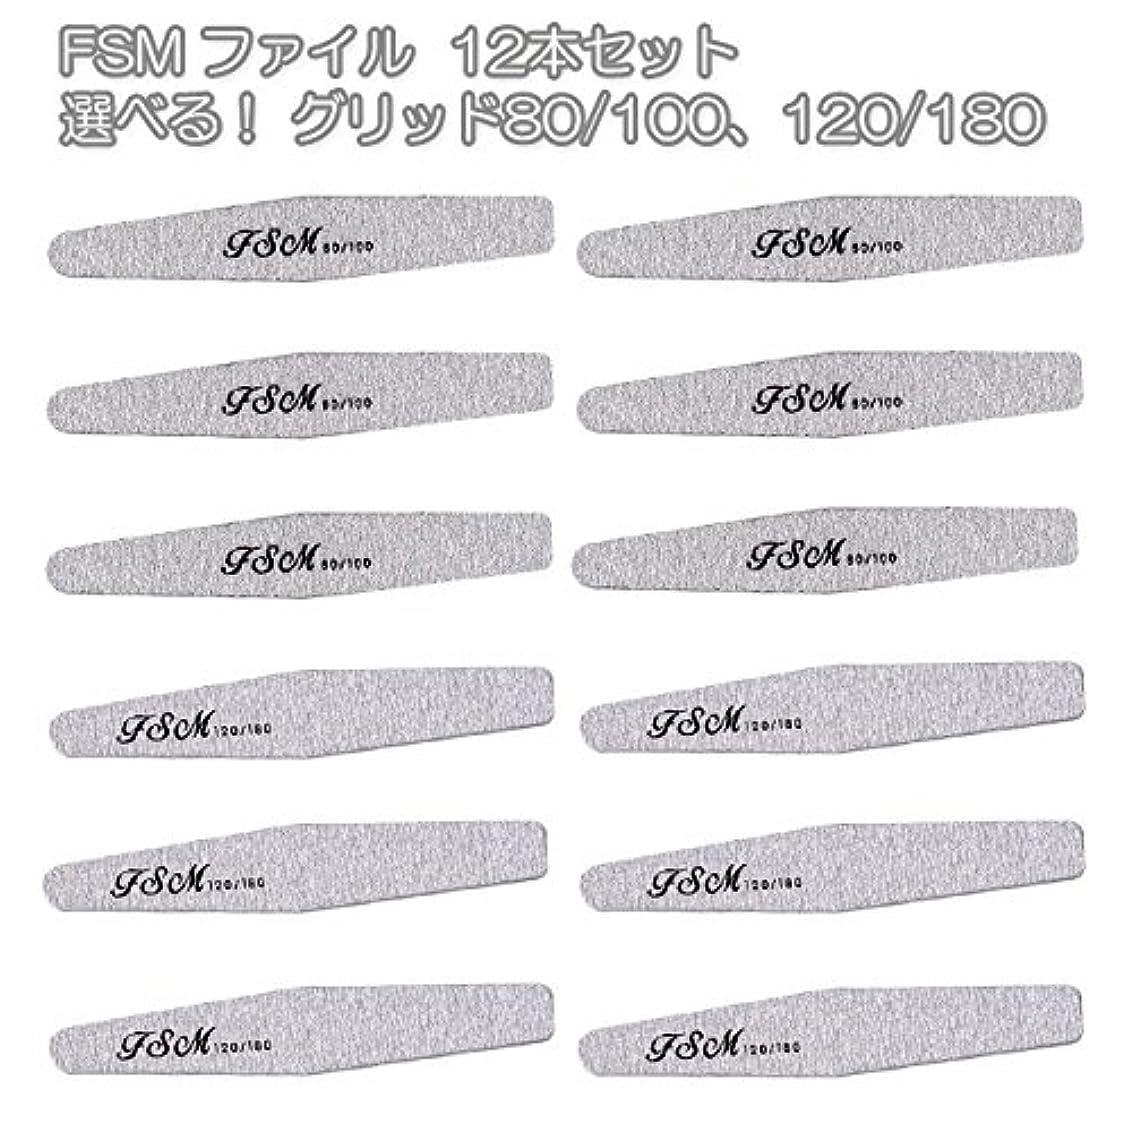 カウントアップ輝く展示会FSM ネイルファイル/バッファー12本セット(選べる!グリッド80/100、120/180) (G80/100の12本)